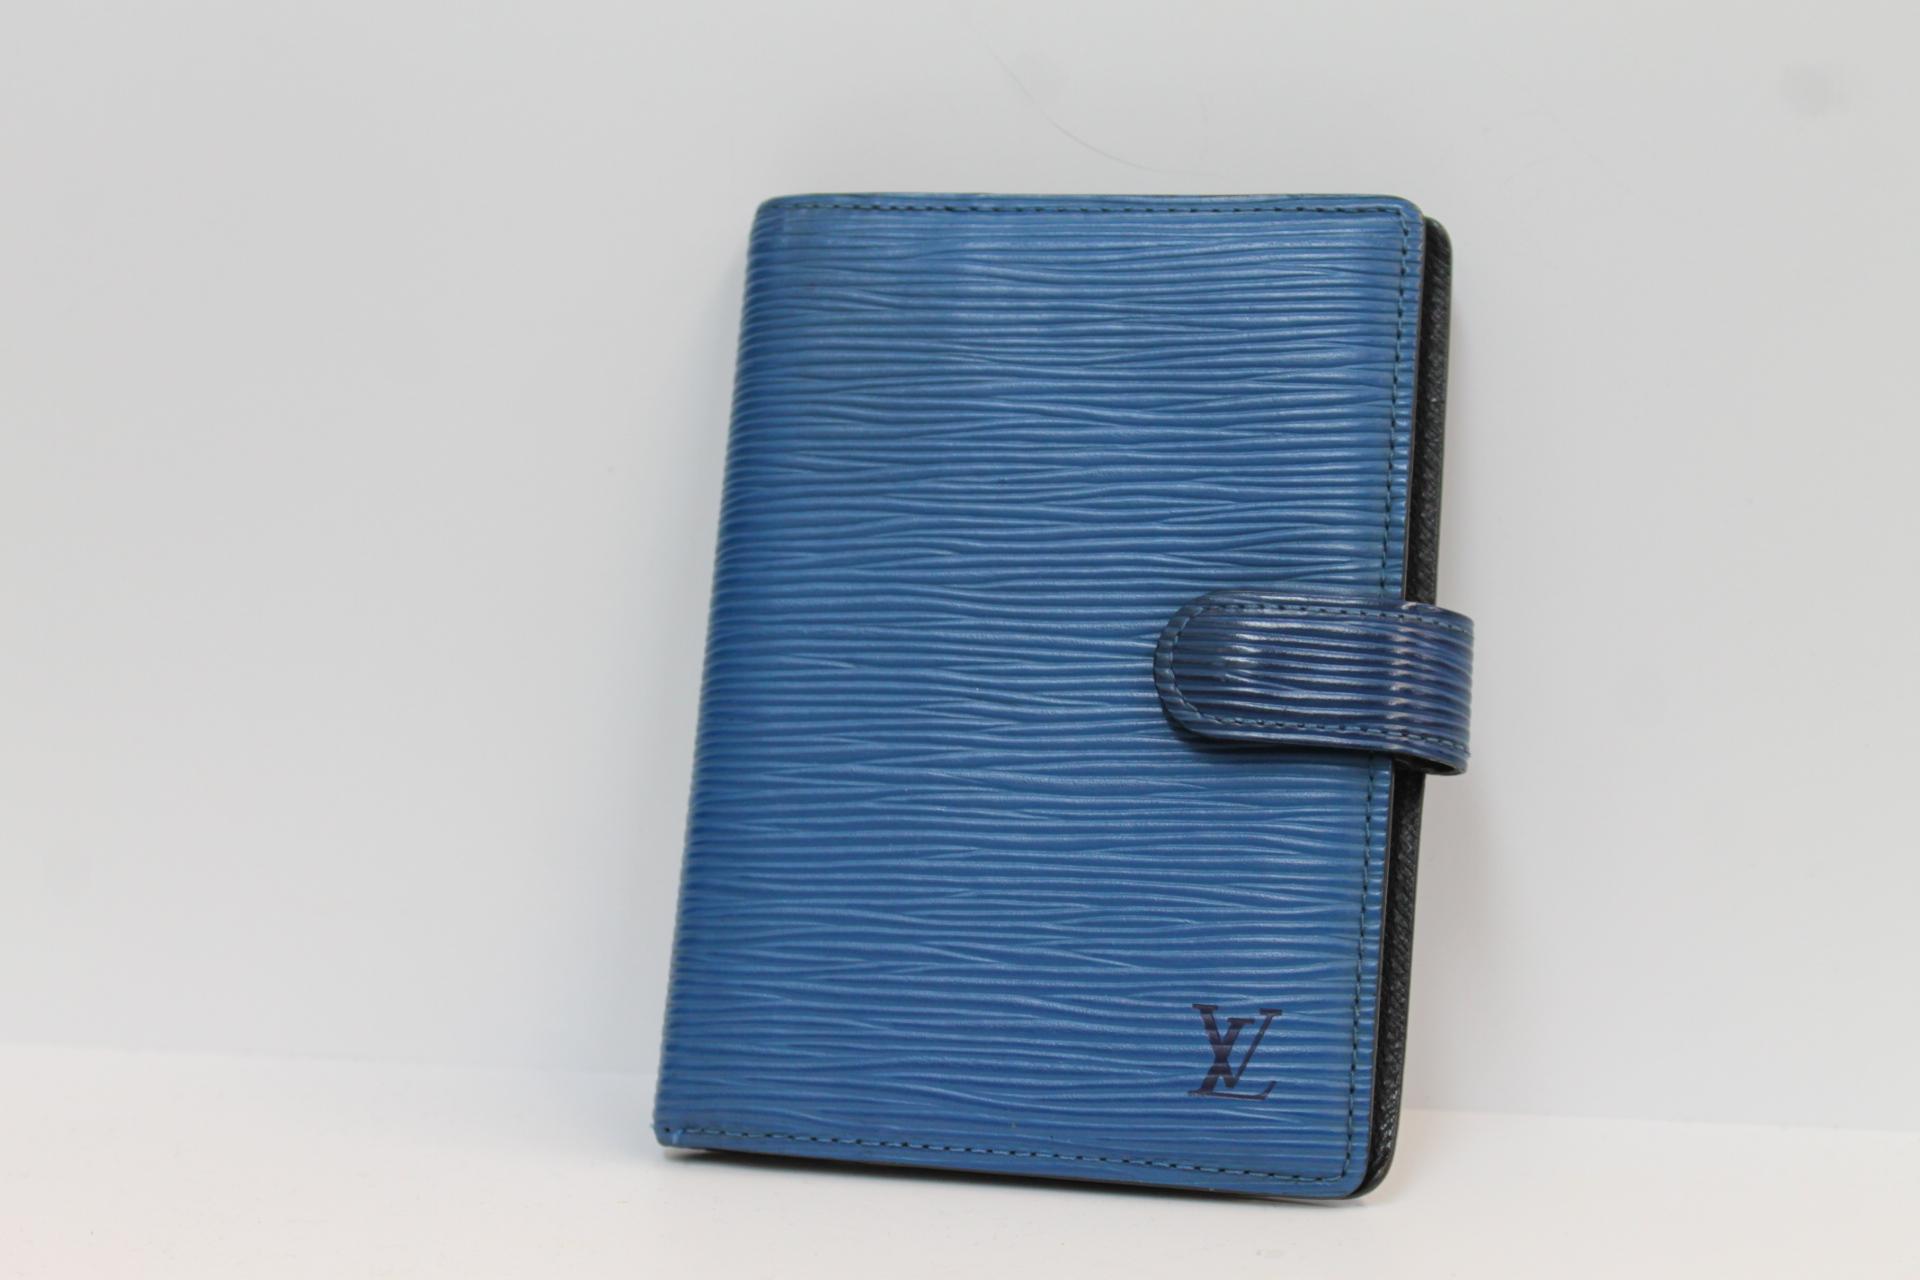 【LOUIS VUITTON ルイヴィトン アジェンダPM エピ 手帳カバー PVC ブルー R20055】を買取させて頂きました!の買取-